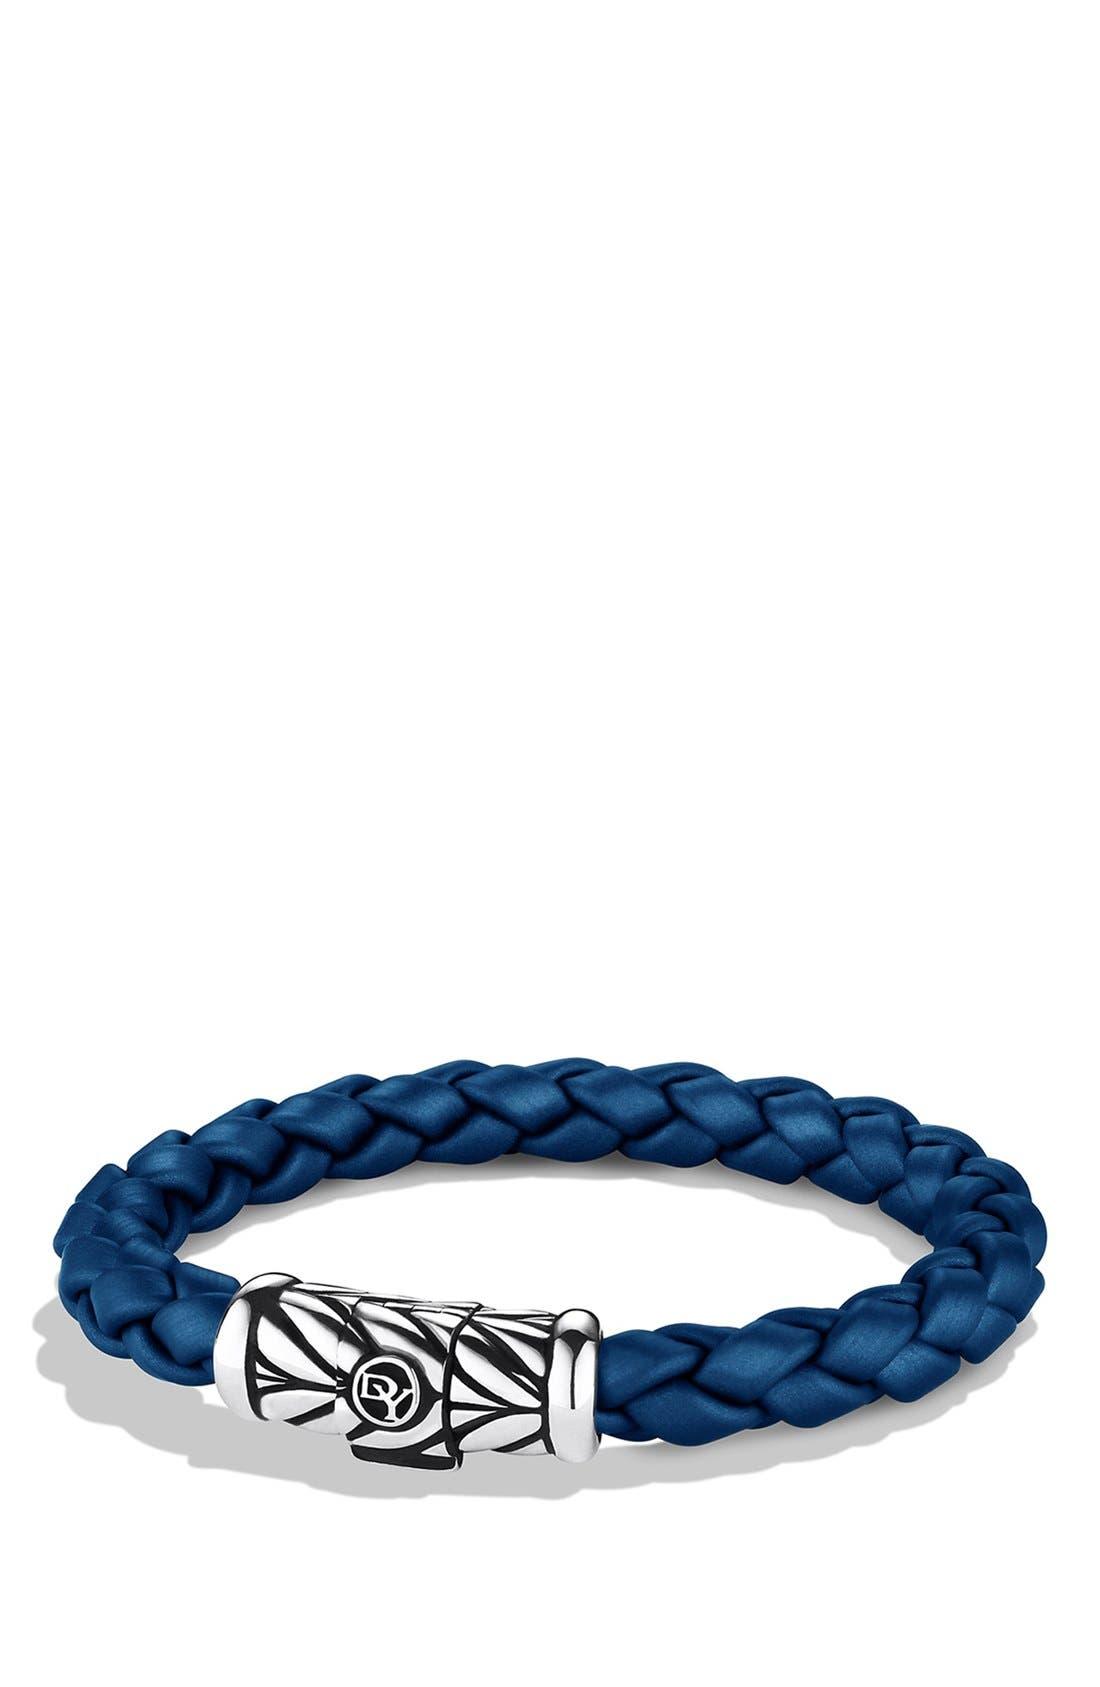 DAVID YURMAN, 'Chevron' Bracelet, Main thumbnail 1, color, BLUE